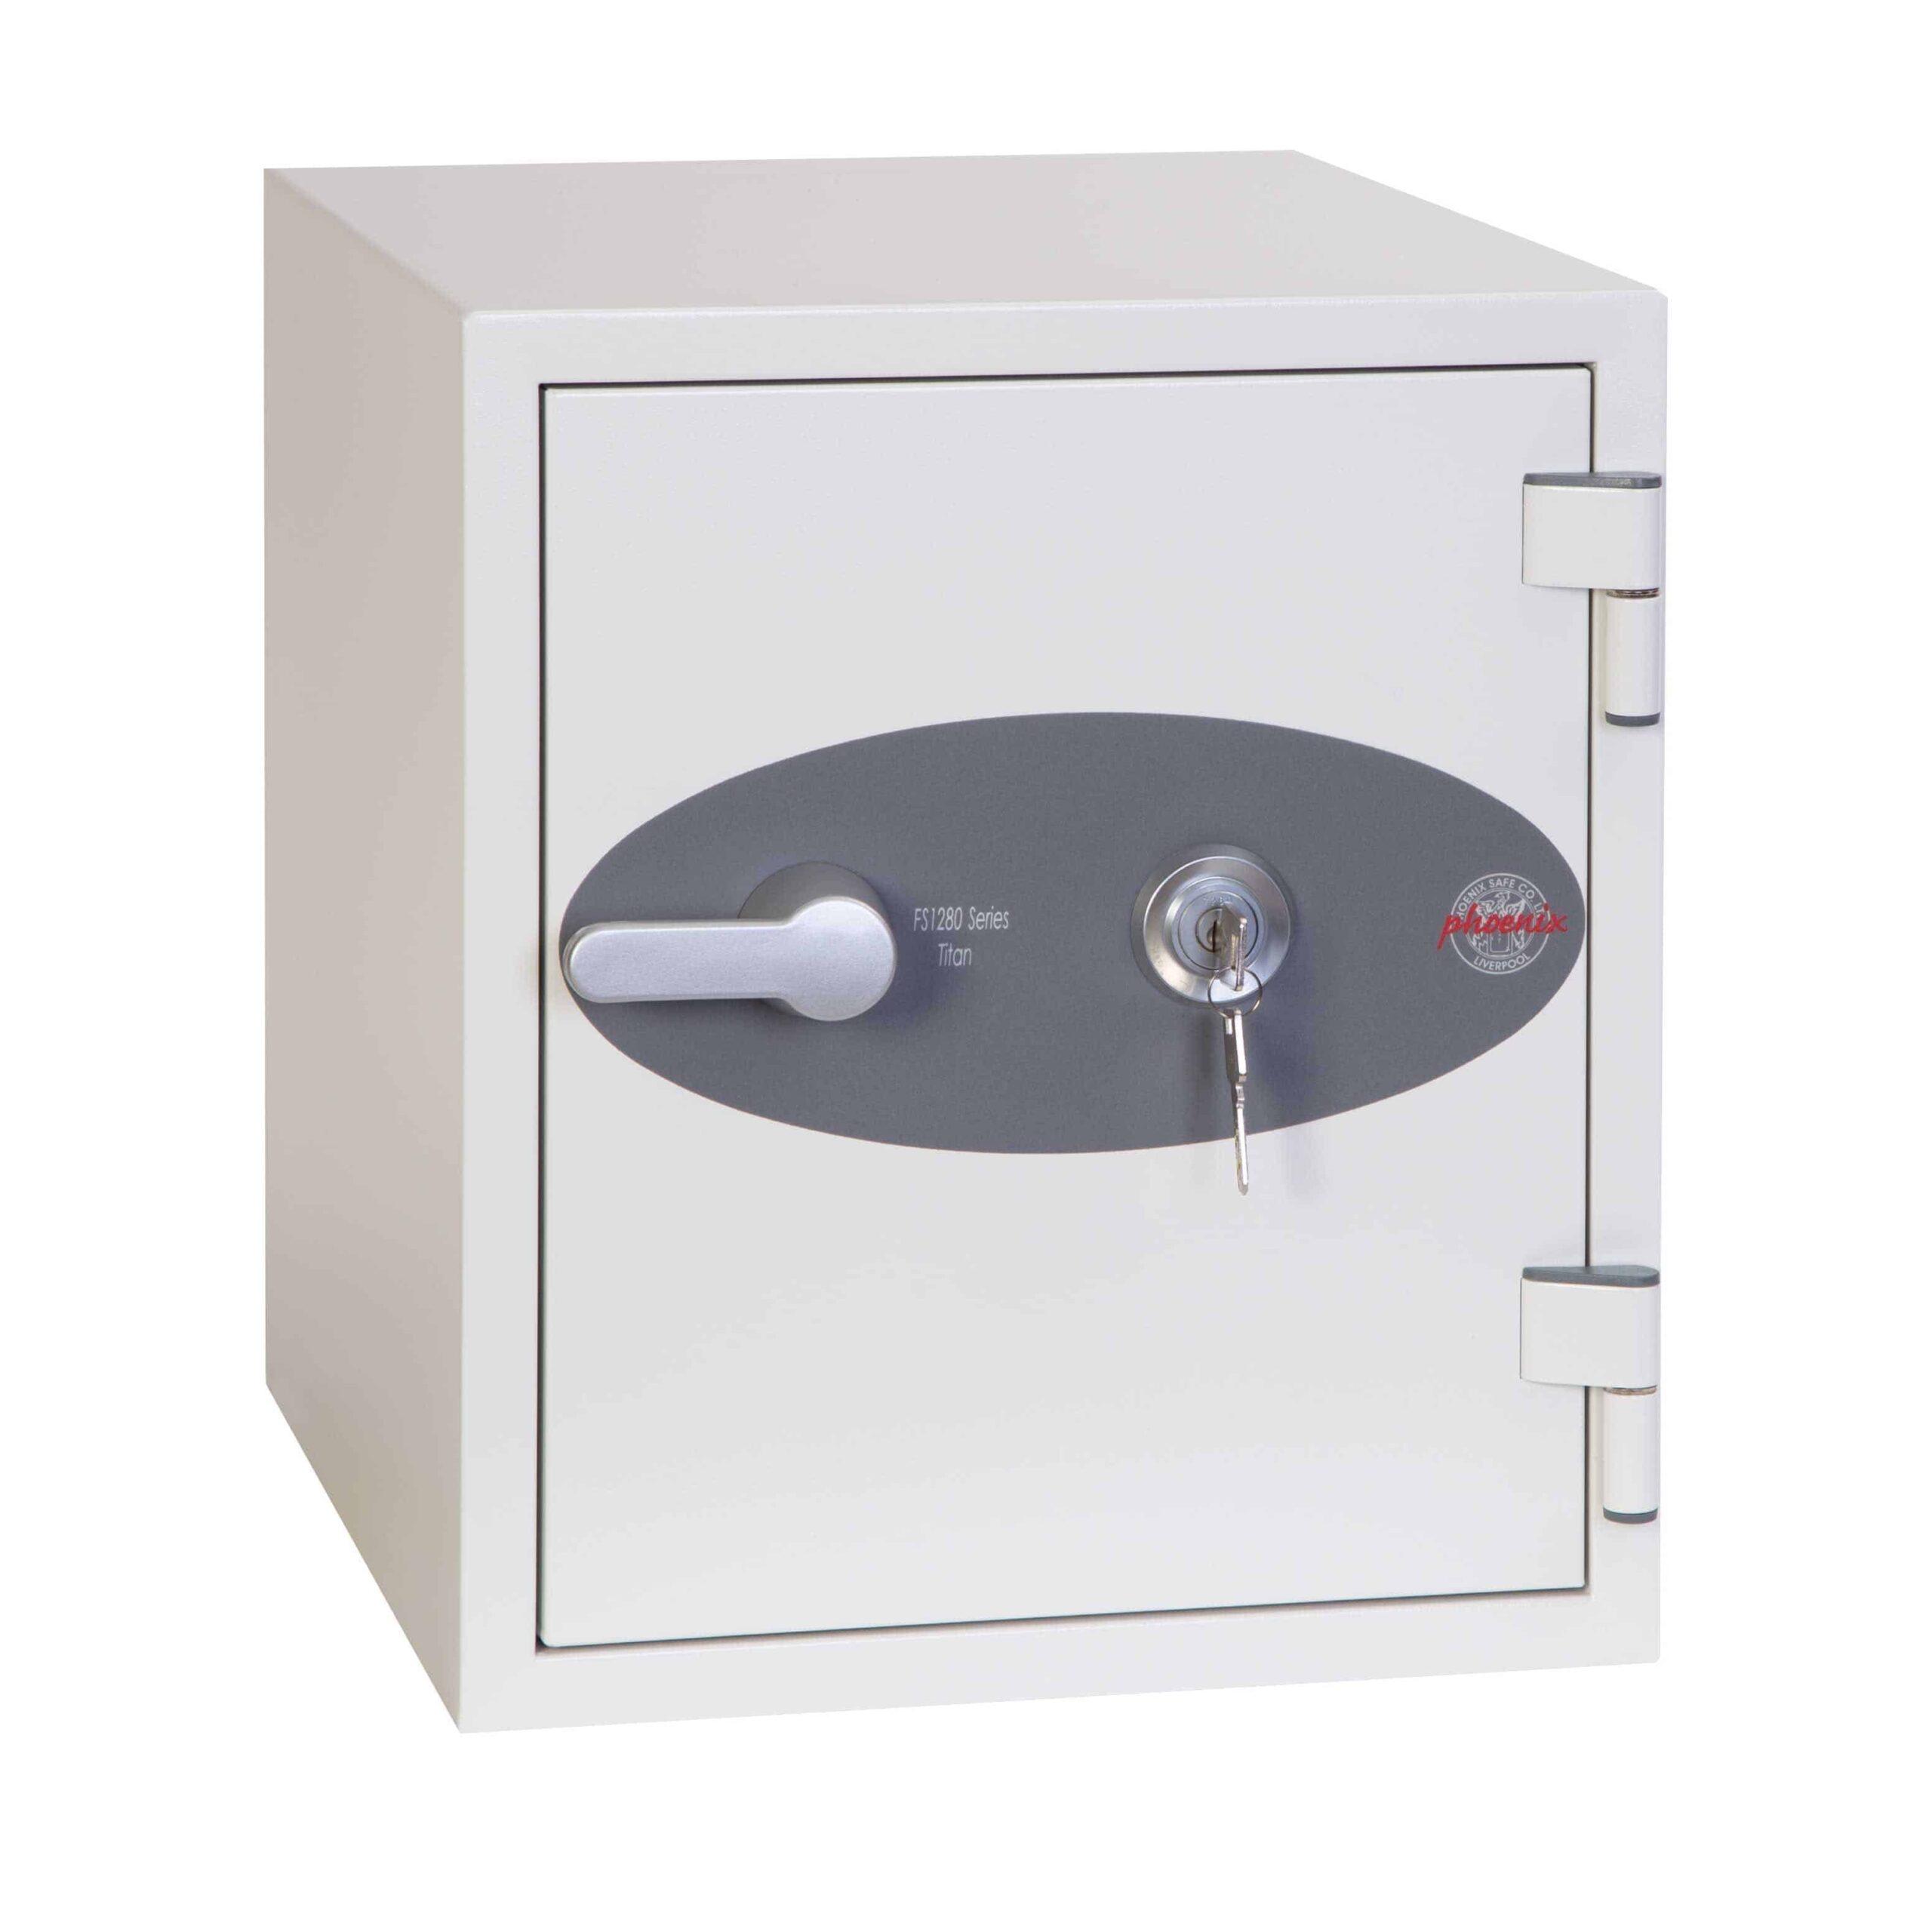 FS1282 Titan Fire Safes